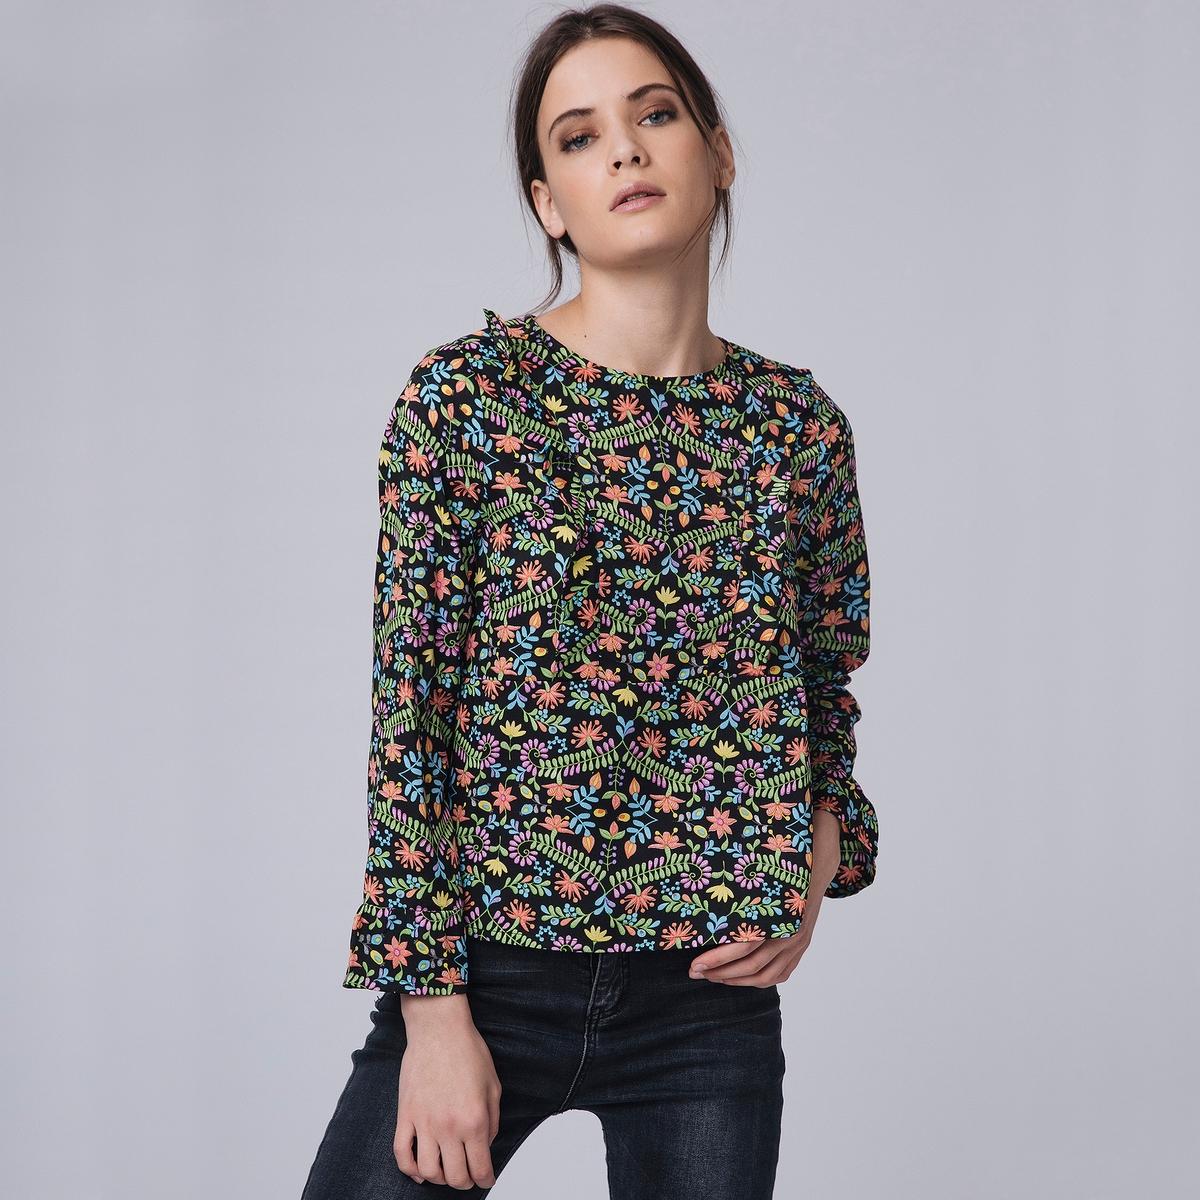 Блузка с круглым вырезом, цветочным рисунком и длинными рукавами